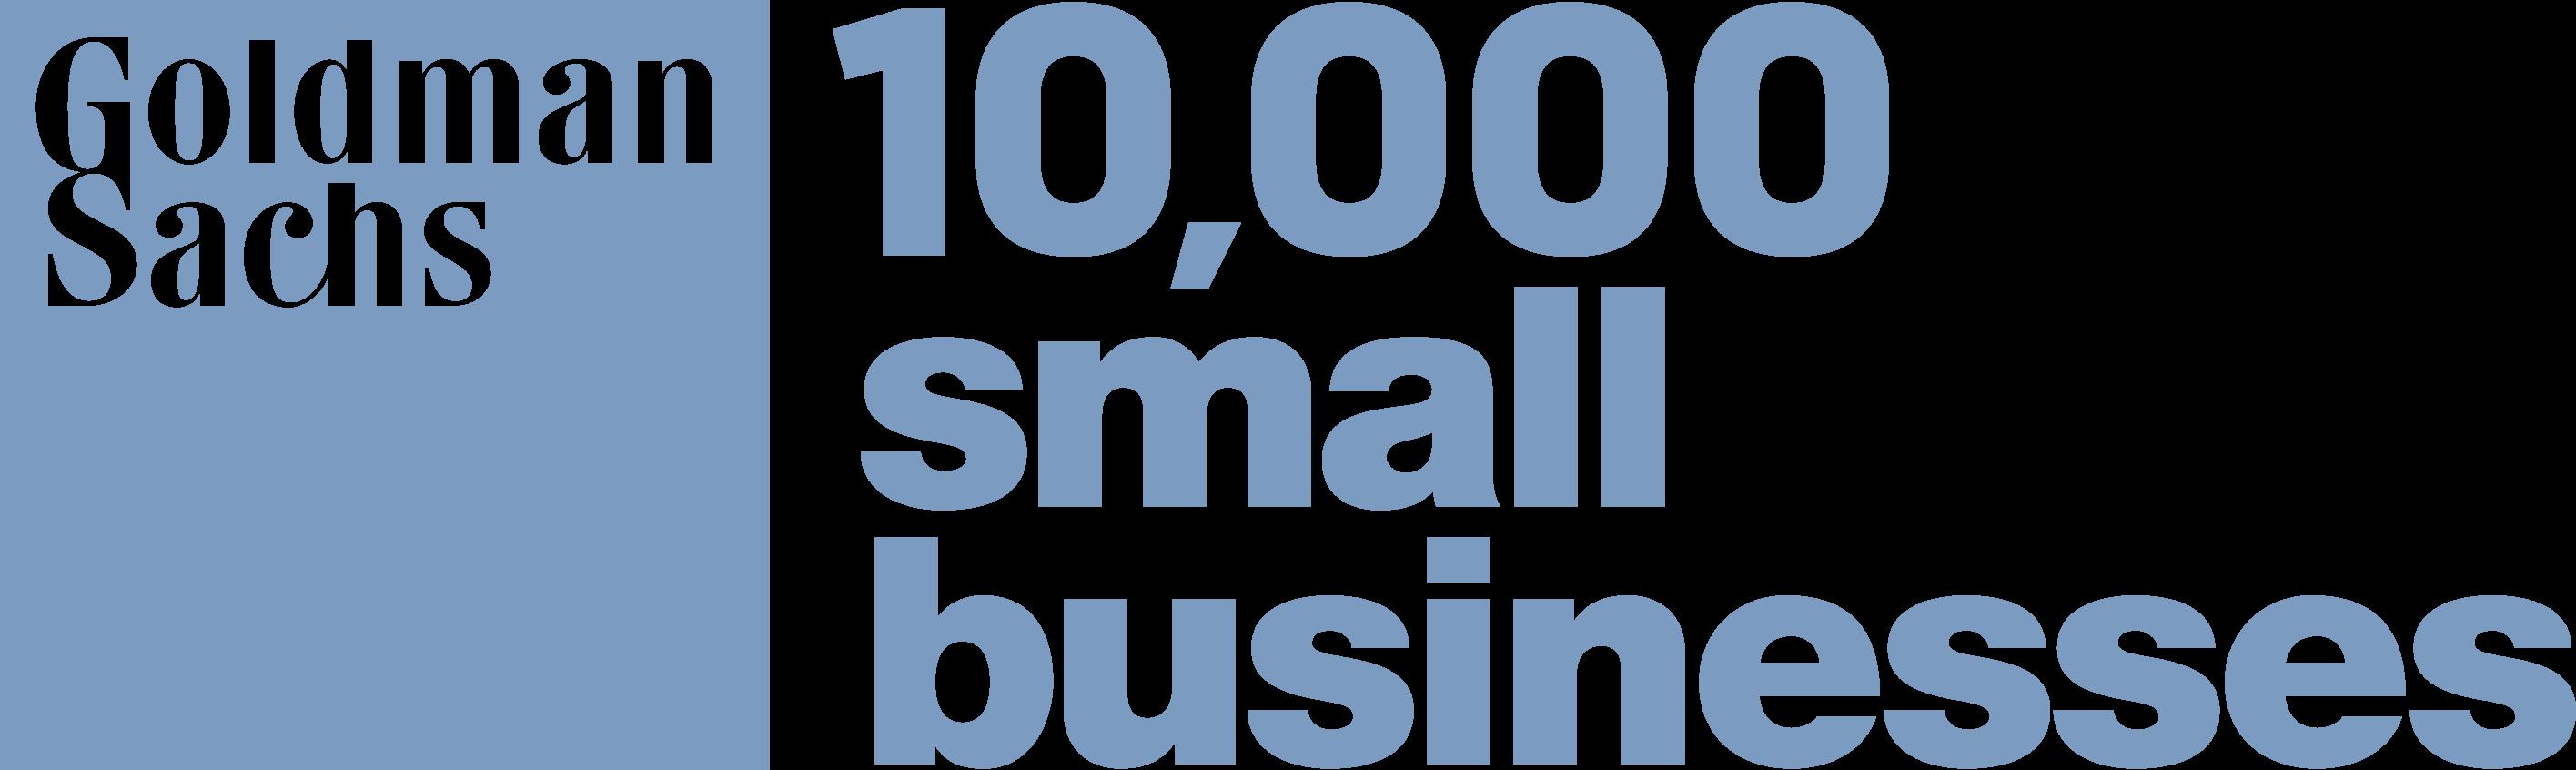 10kSB logo